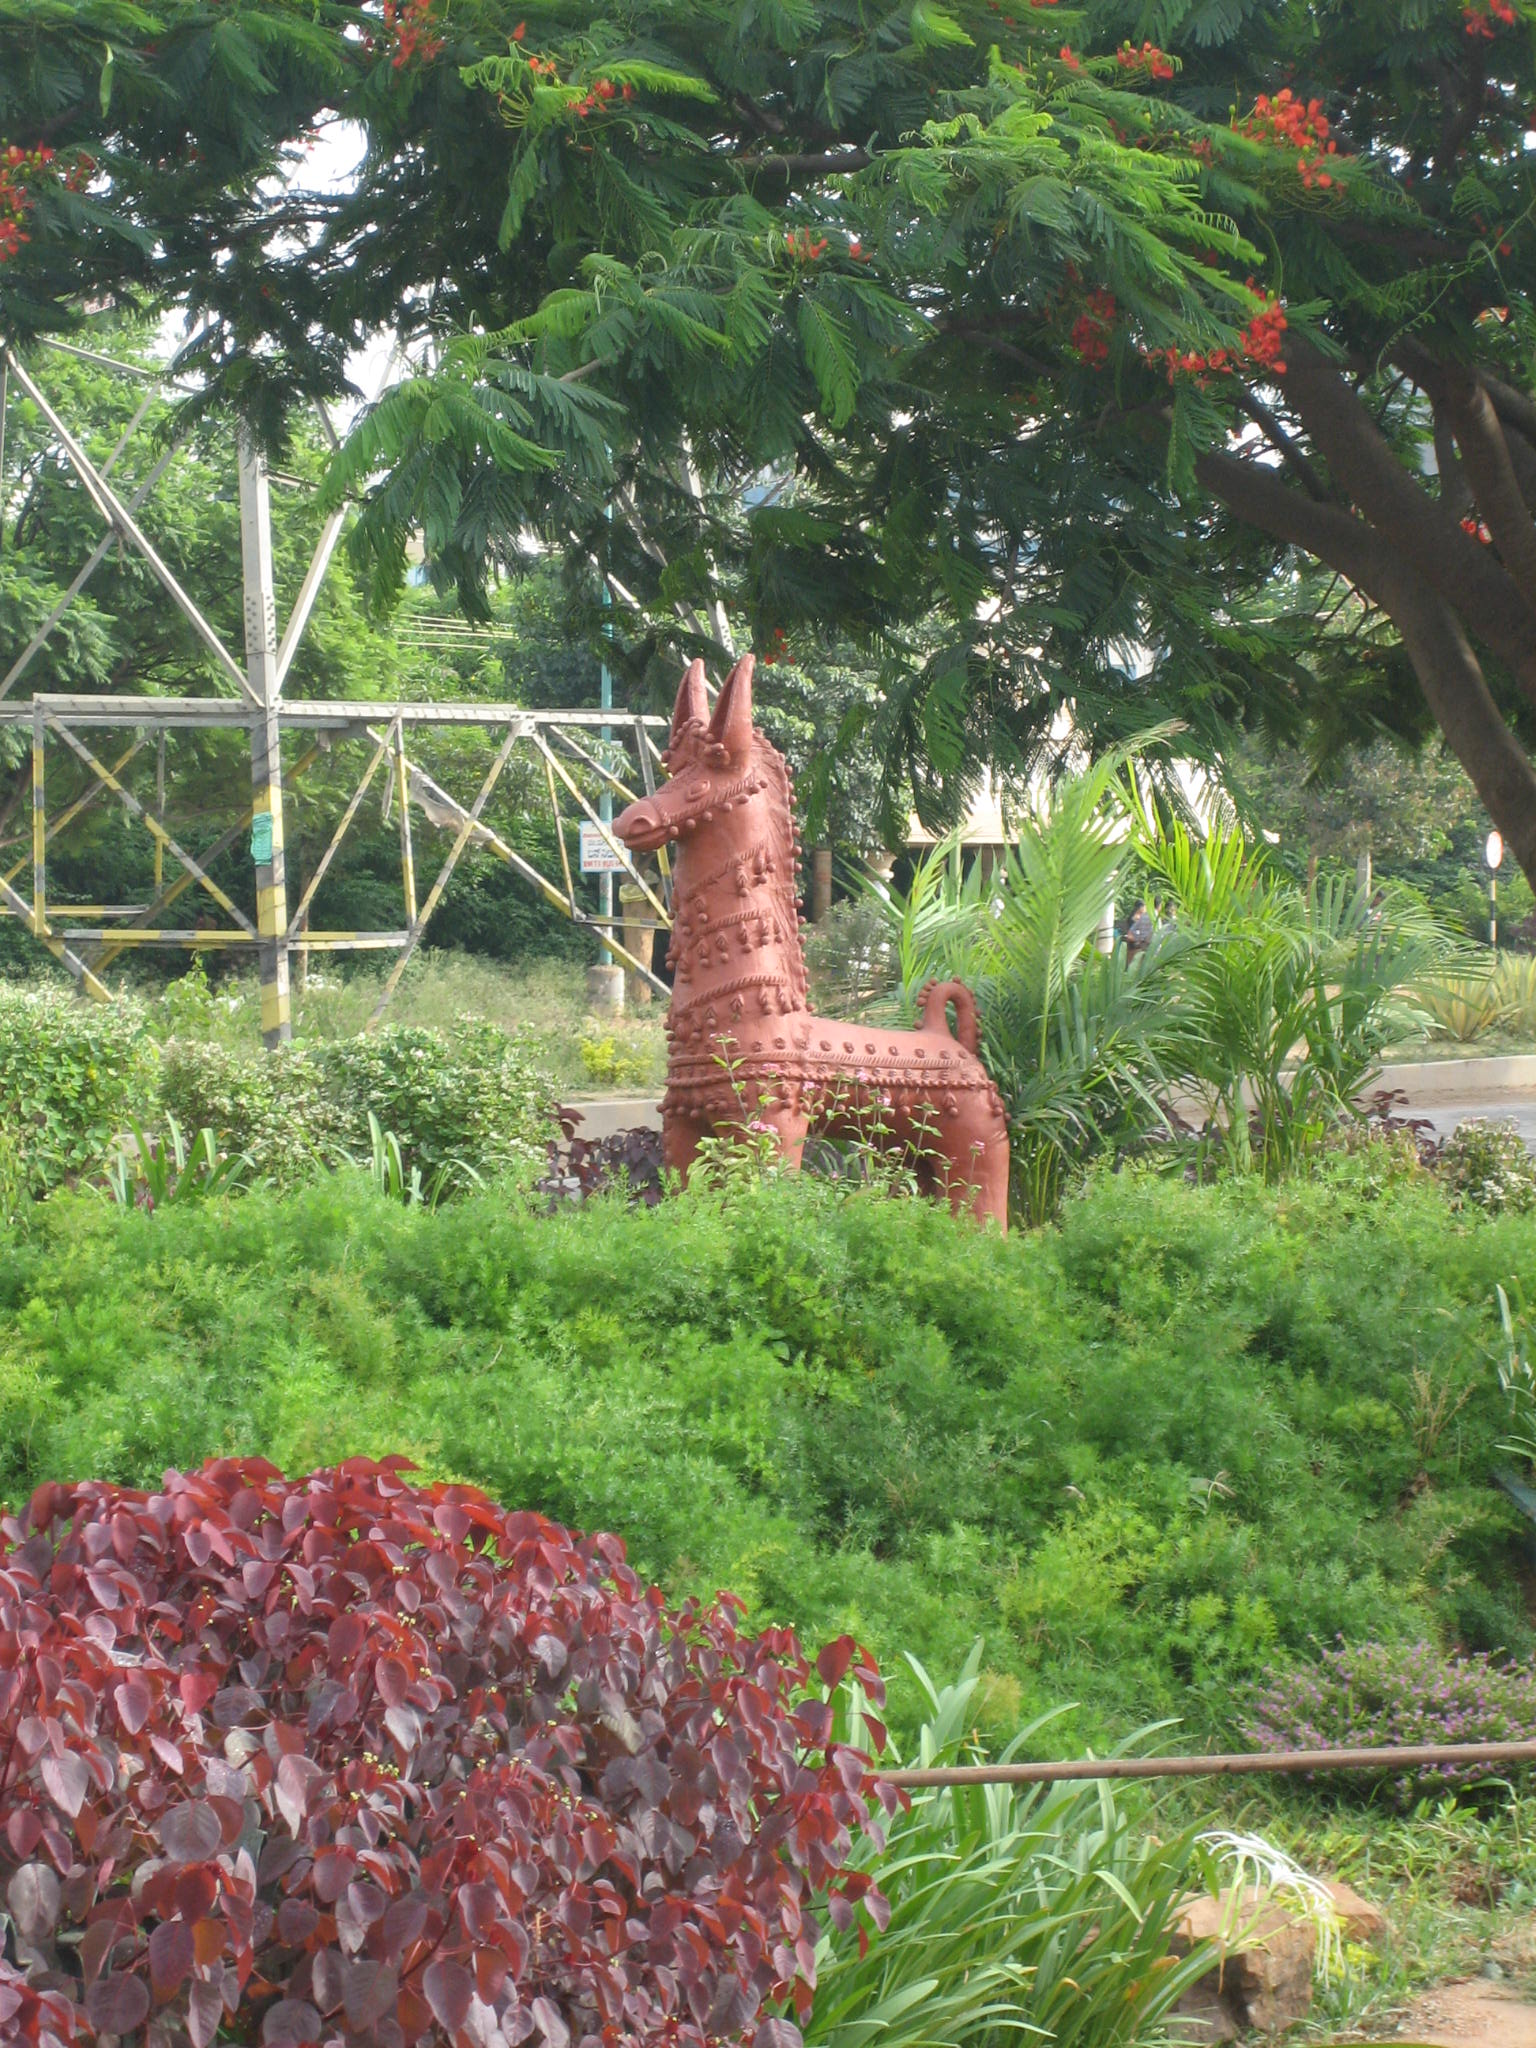 jolie sculpture devant l'hopital